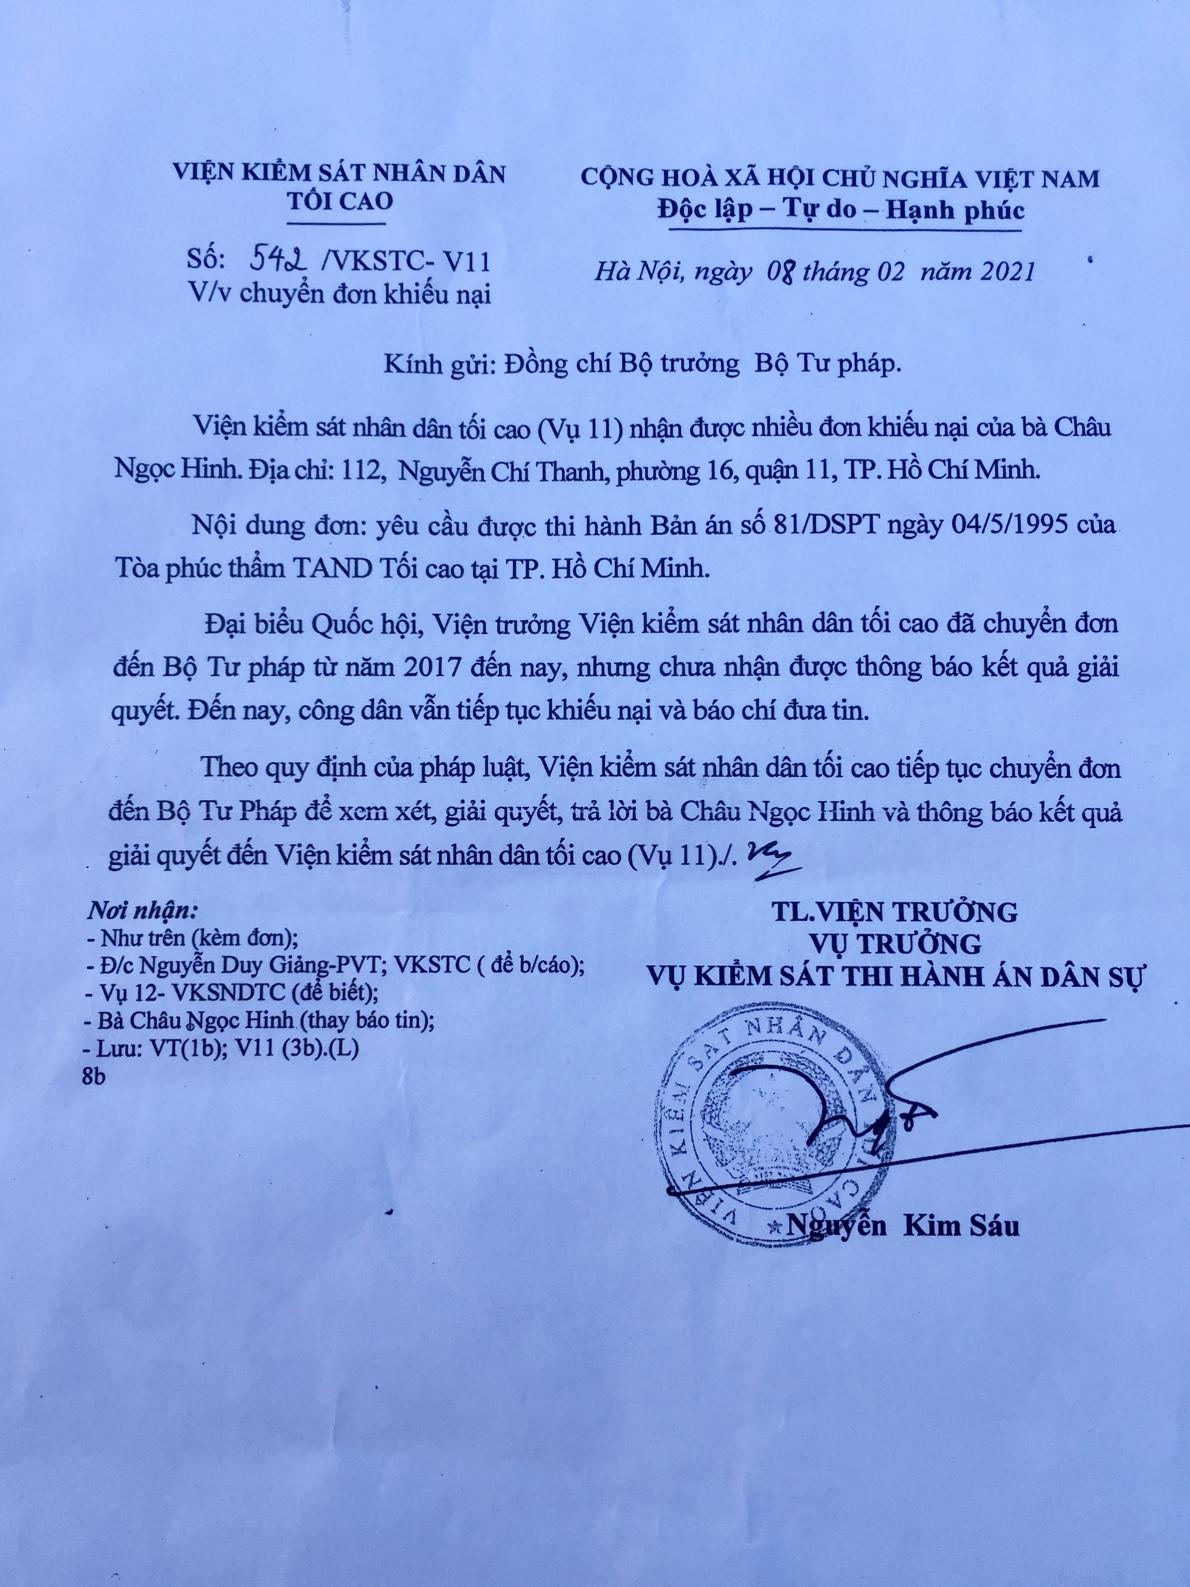 Bản án 26 năm chưa được thi hành tại TP. Hồ Chí Minh: Cần nhìn thẳng vào sự thật để sửa sai